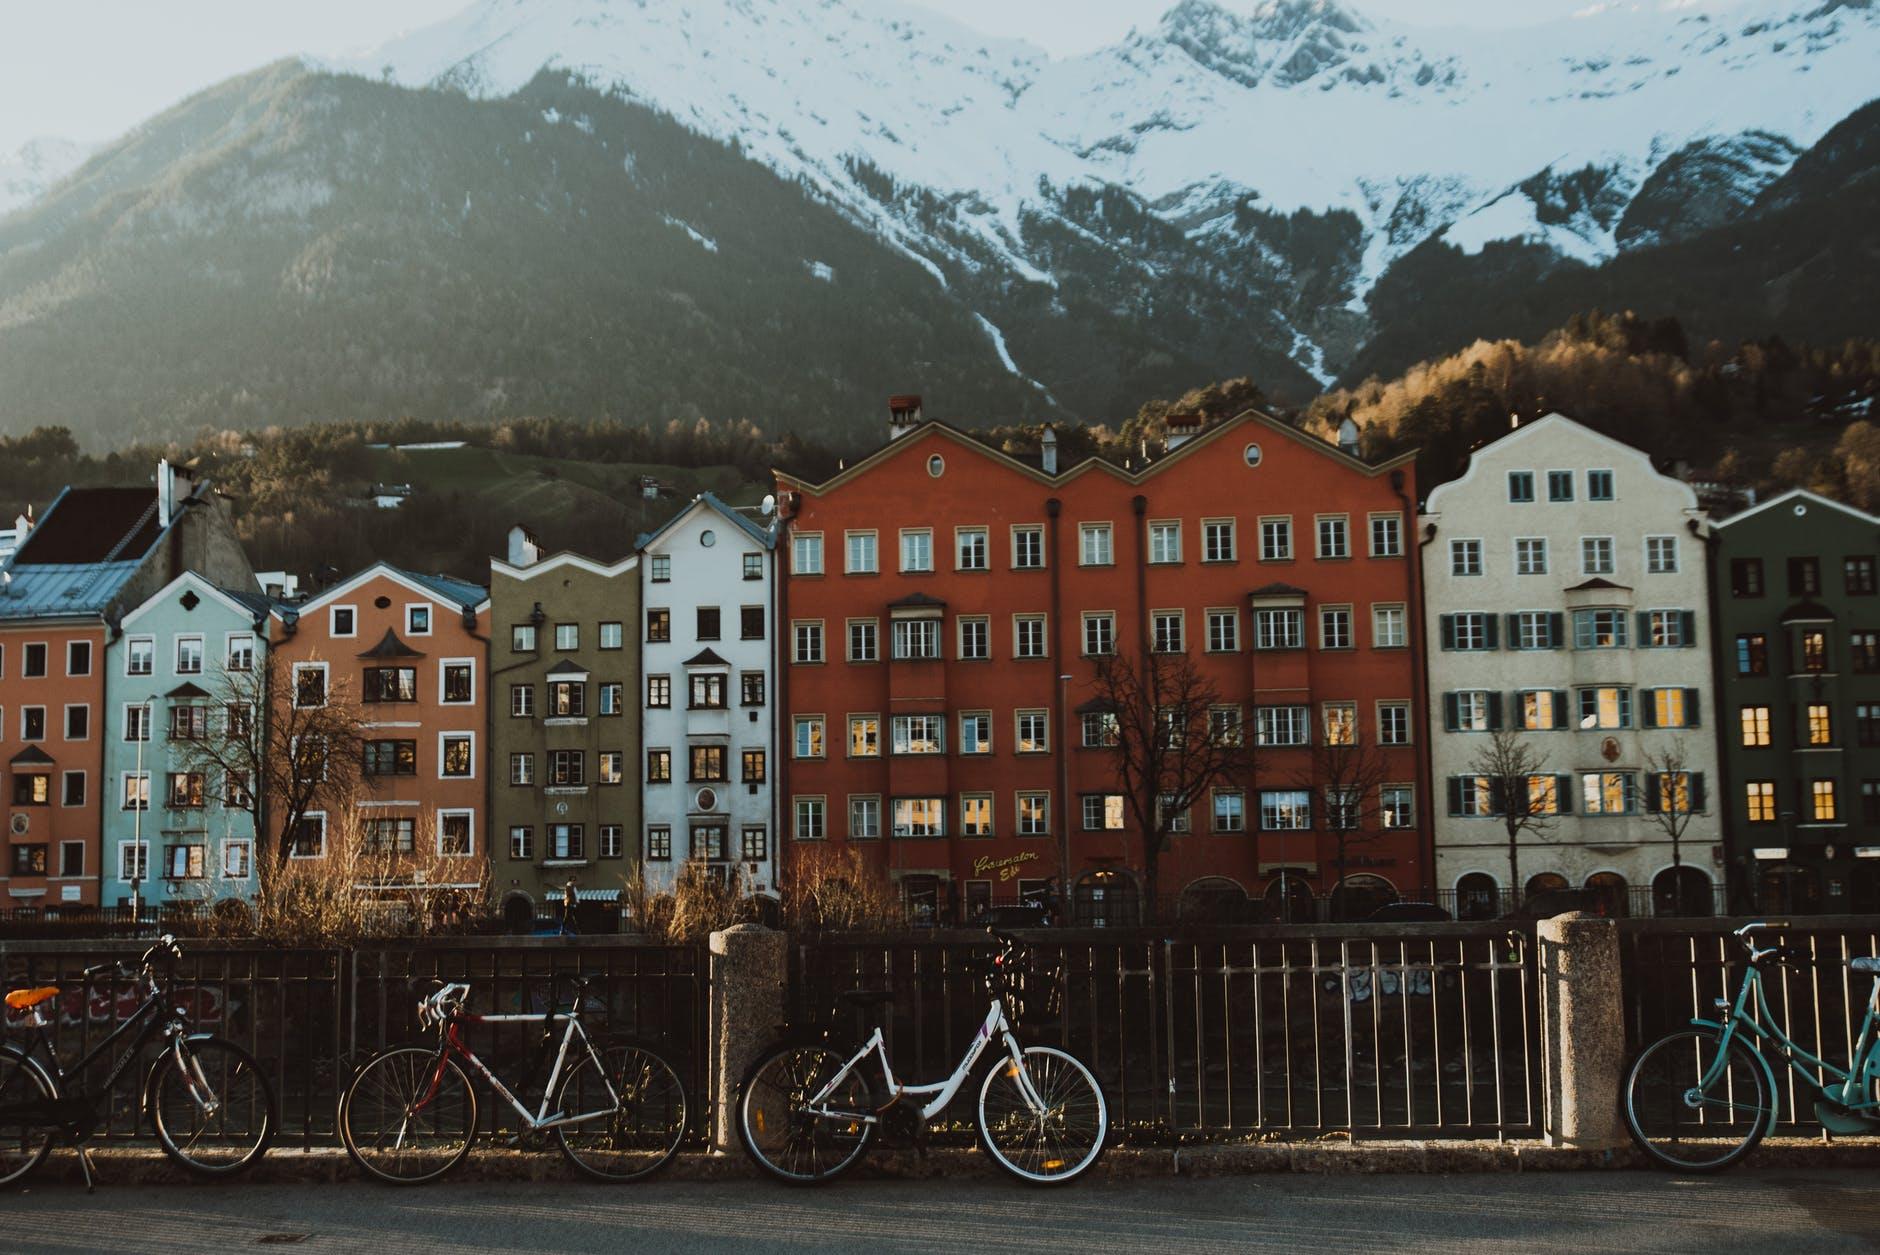 ruta cultural en bicicleta por austria